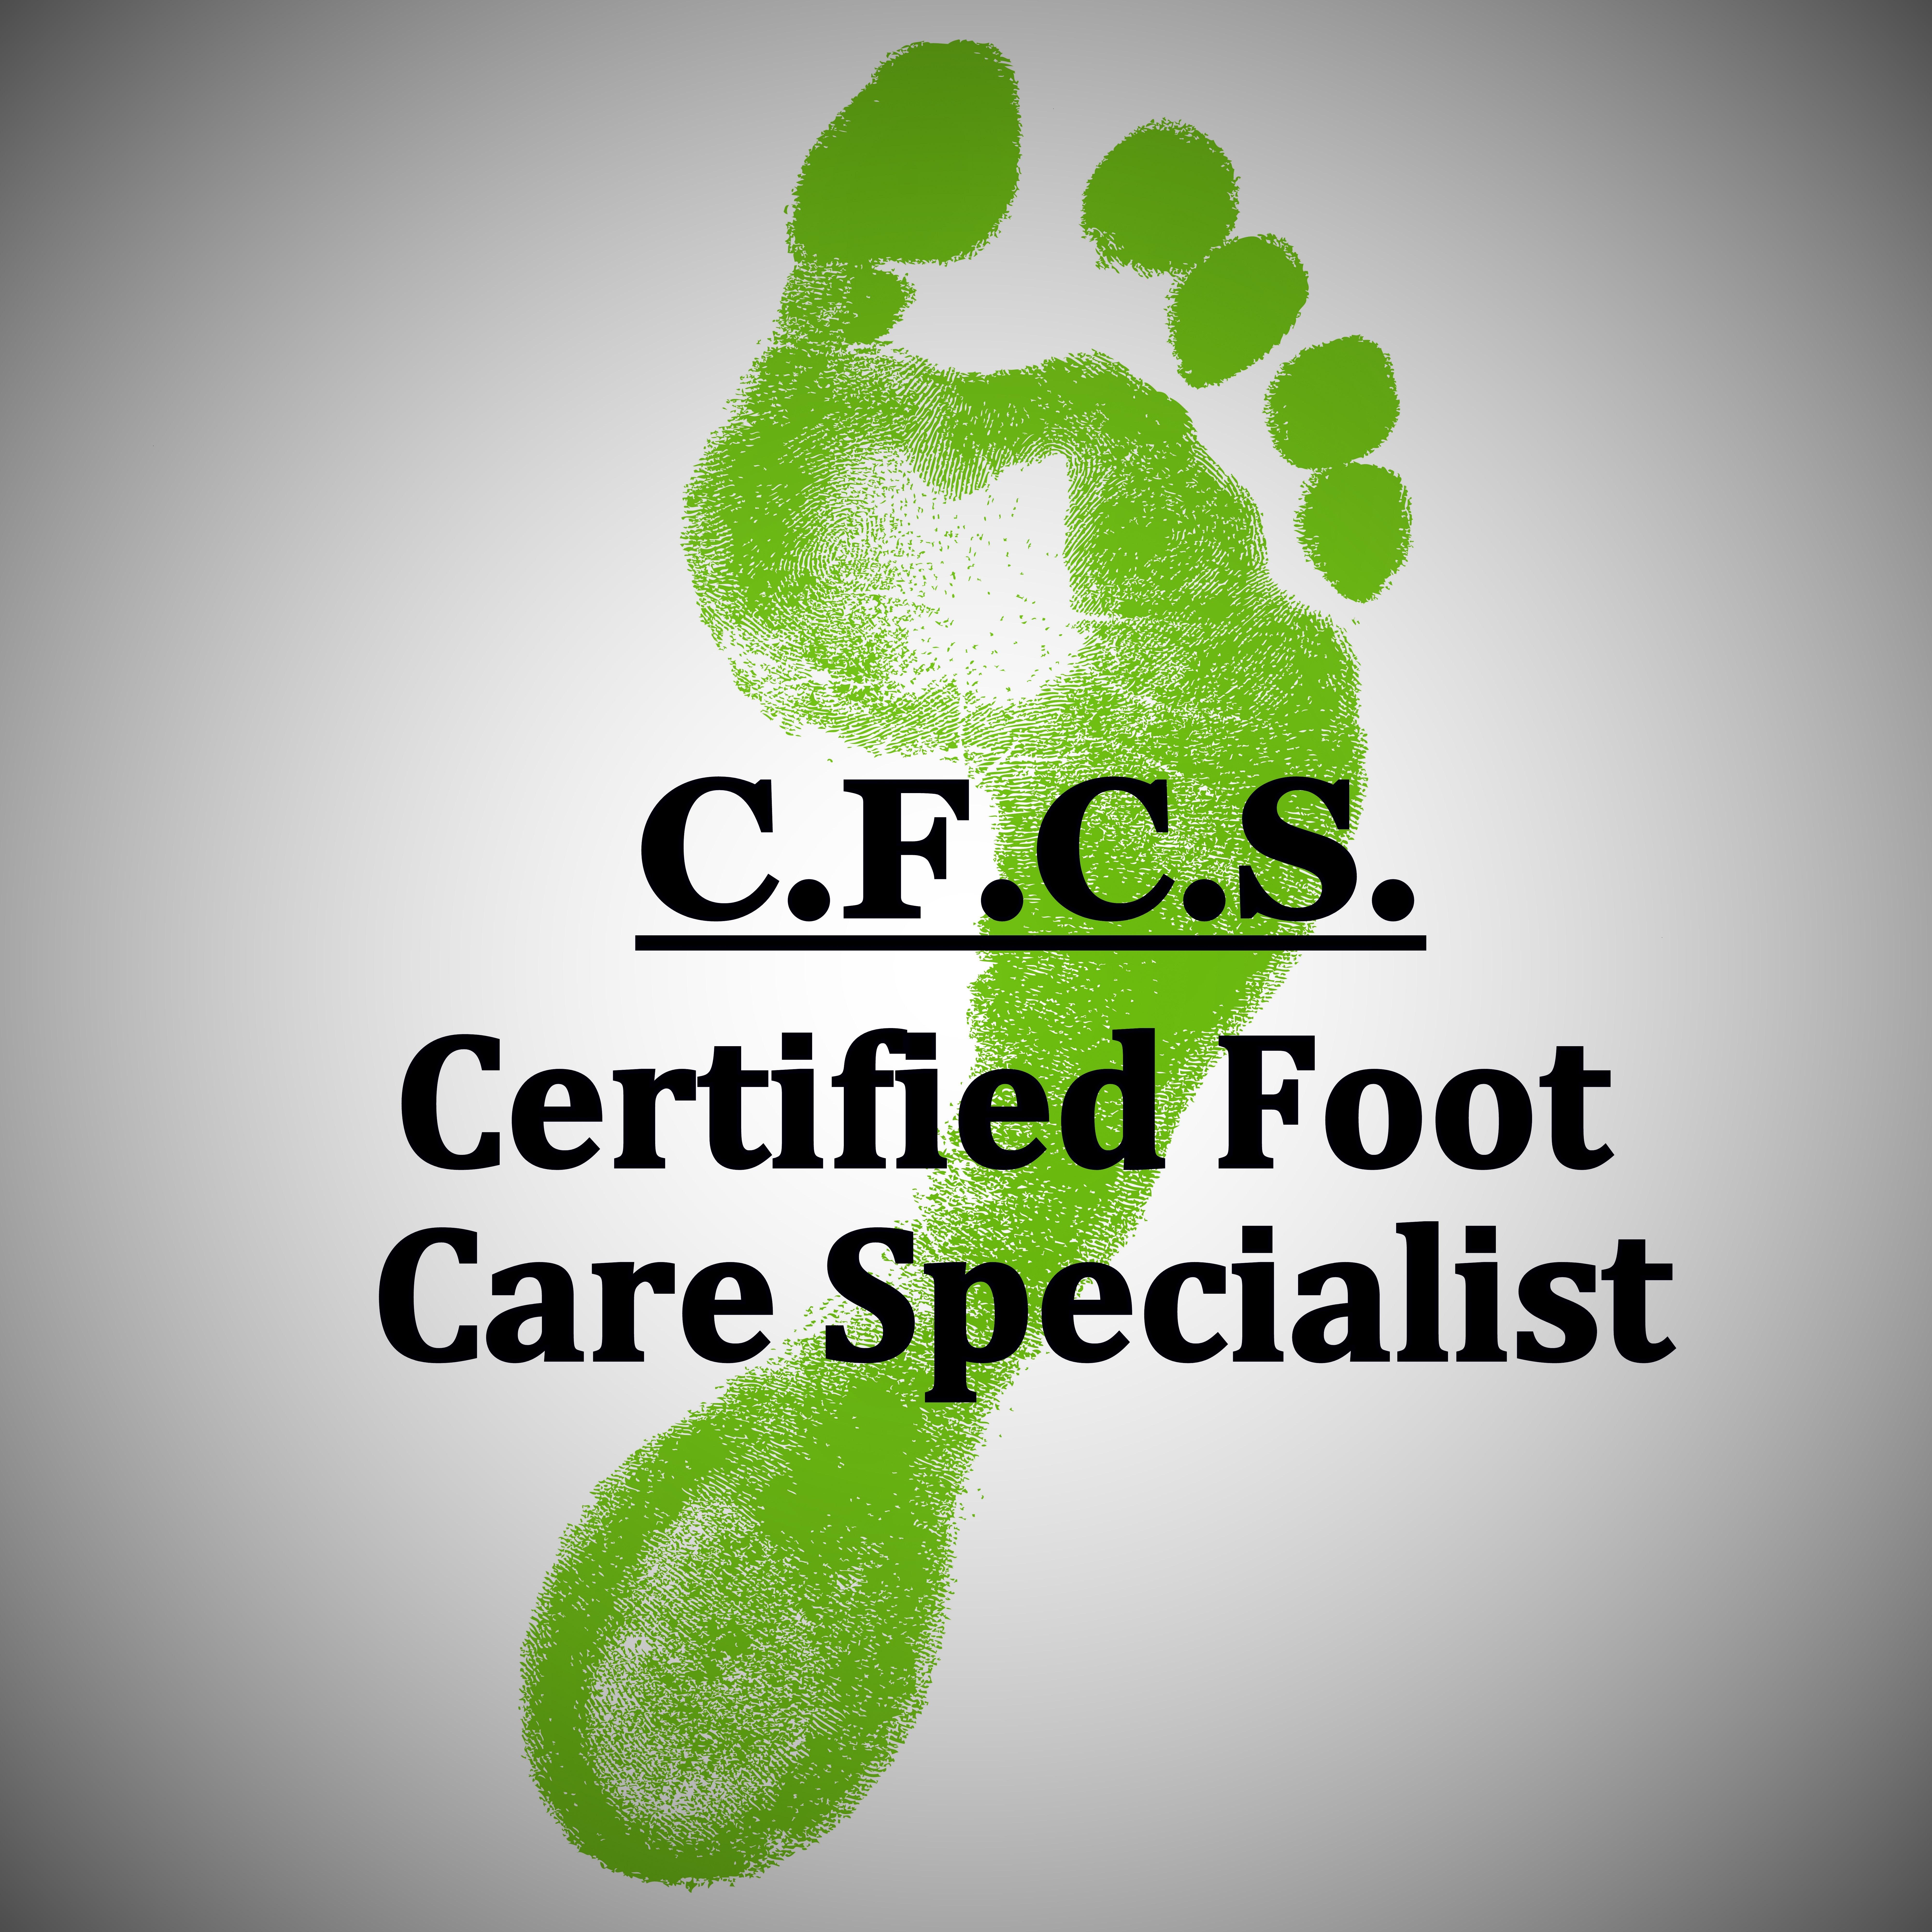 American Foot Care Nurses Association Certification